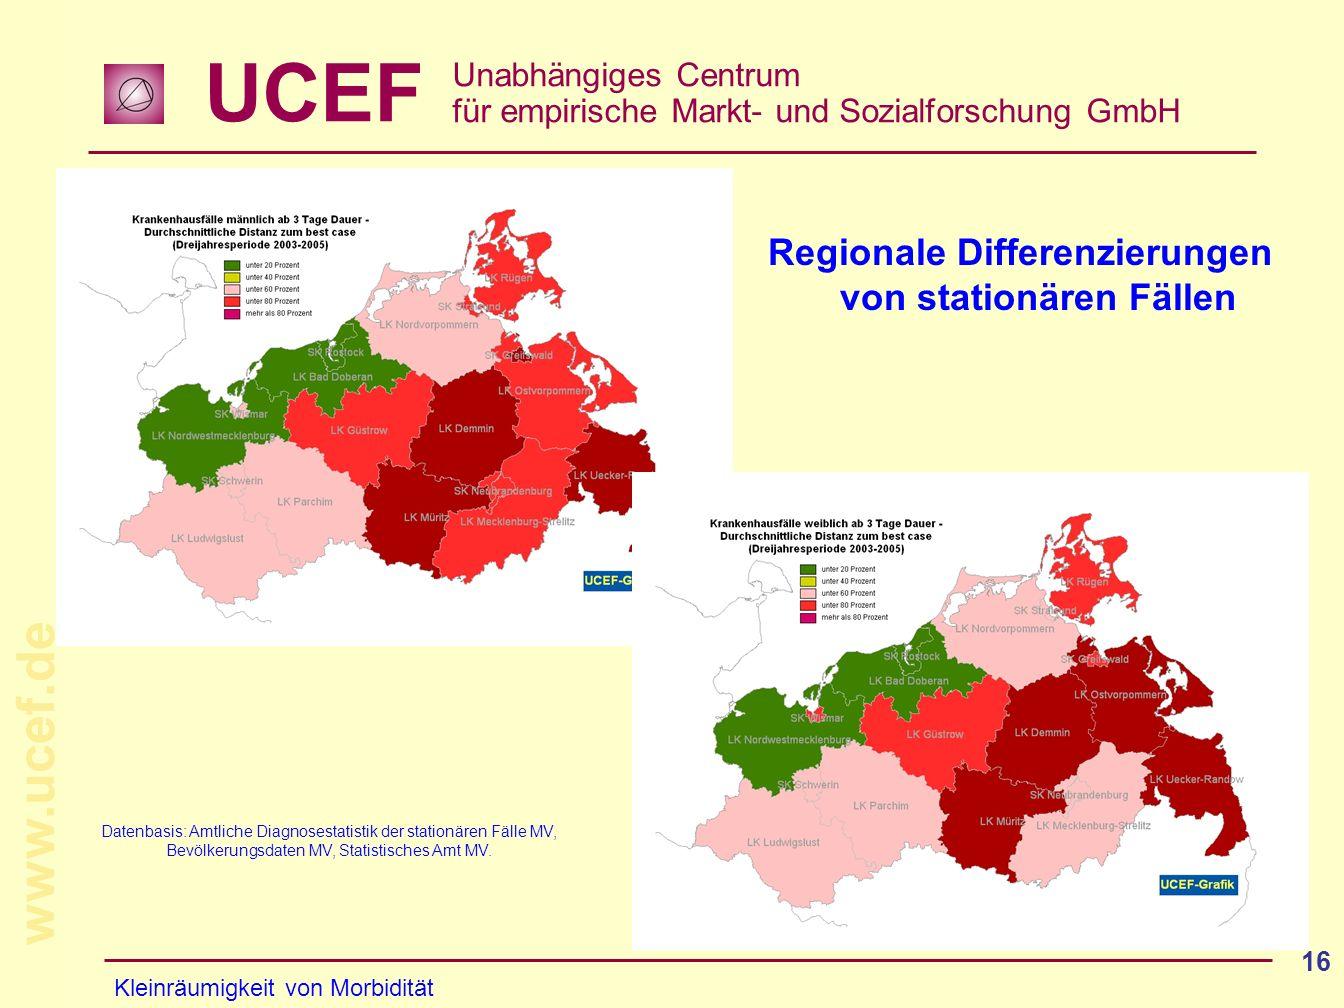 UCEF Unabhängiges Centrum für empirische Markt- und Sozialforschung GmbH www.ucef.de 16 Datenbasis: Amtliche Diagnosestatistik der stationären Fälle M